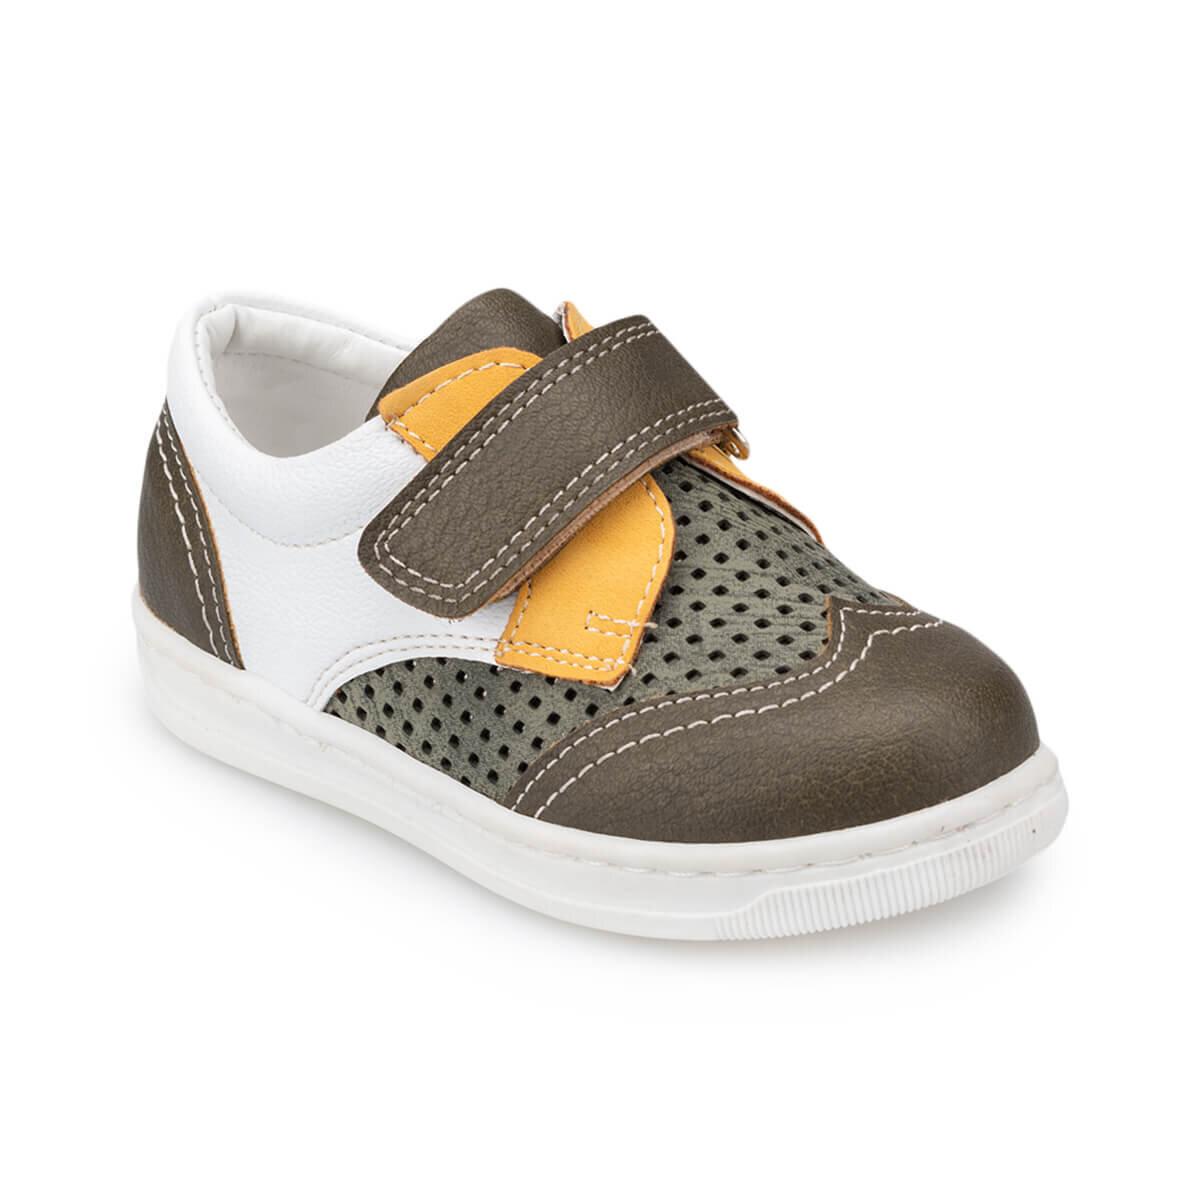 HAKI Erkek Çocuk Ayakkabı